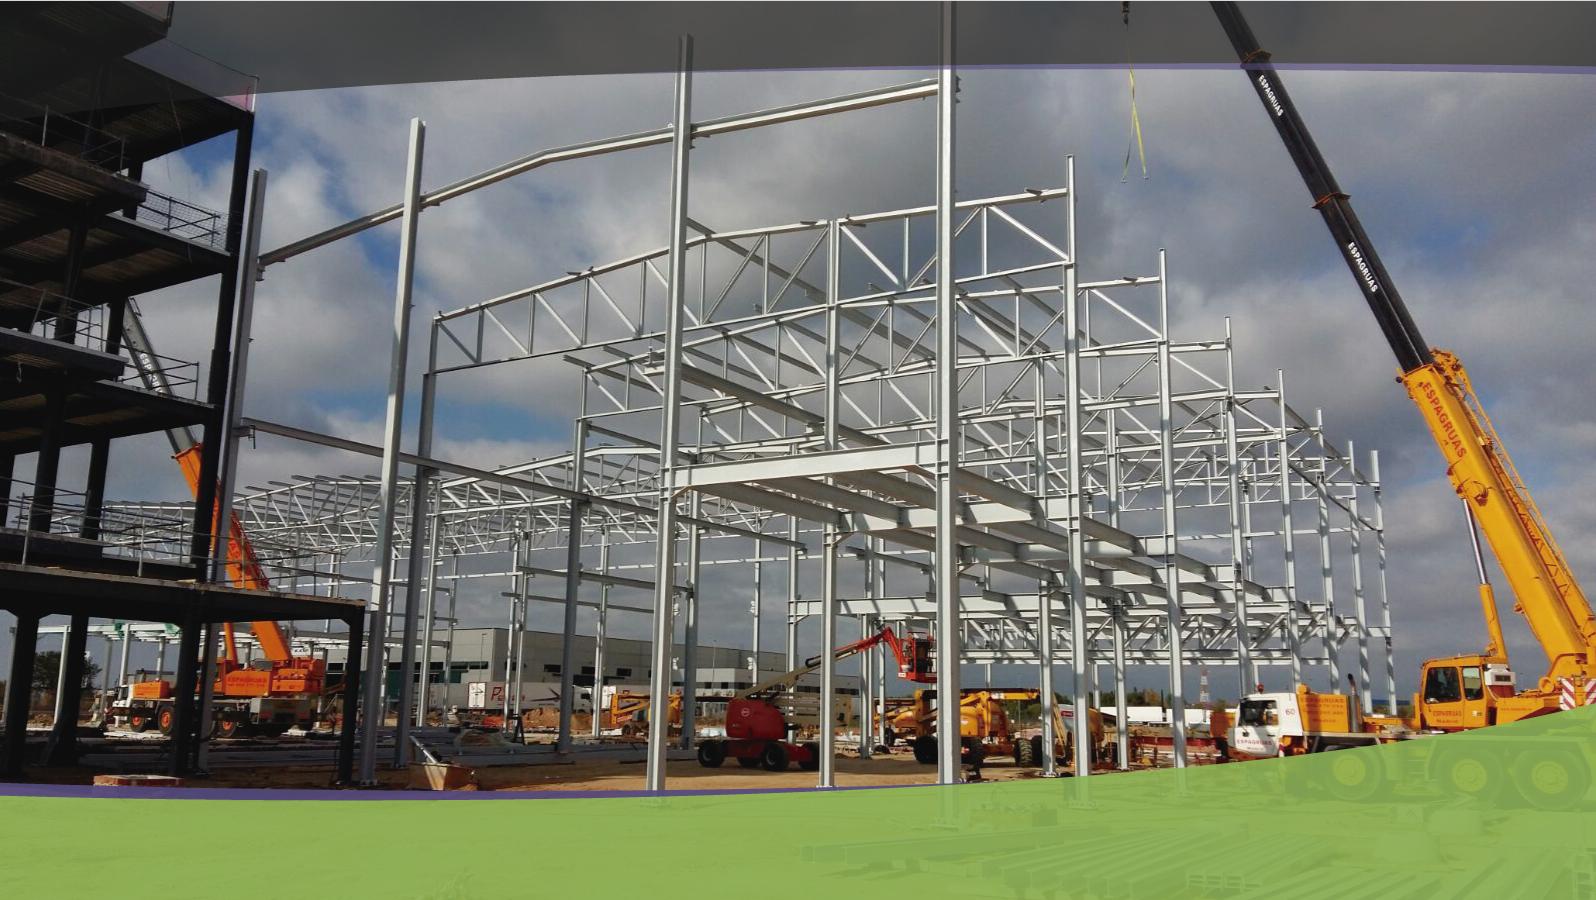 Construcción edificios con estructura metálica